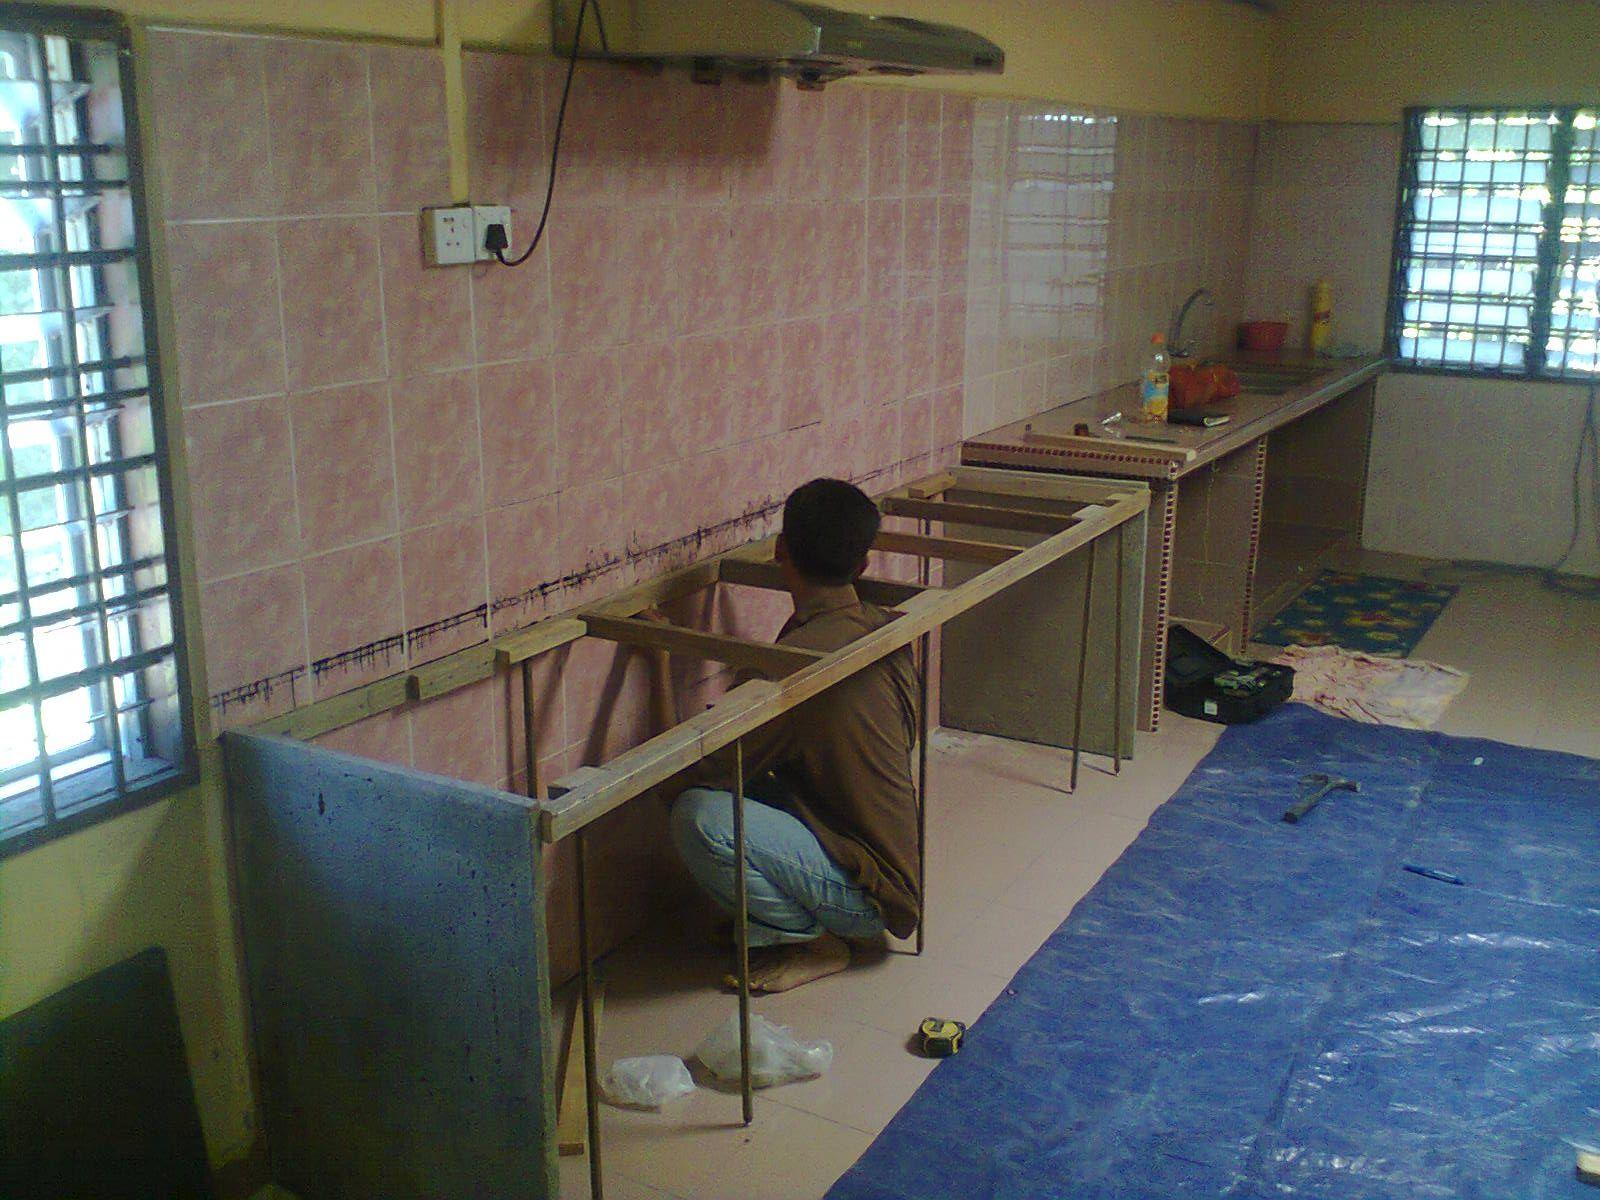 Gambar Dapur Kampung Desainrumahid com